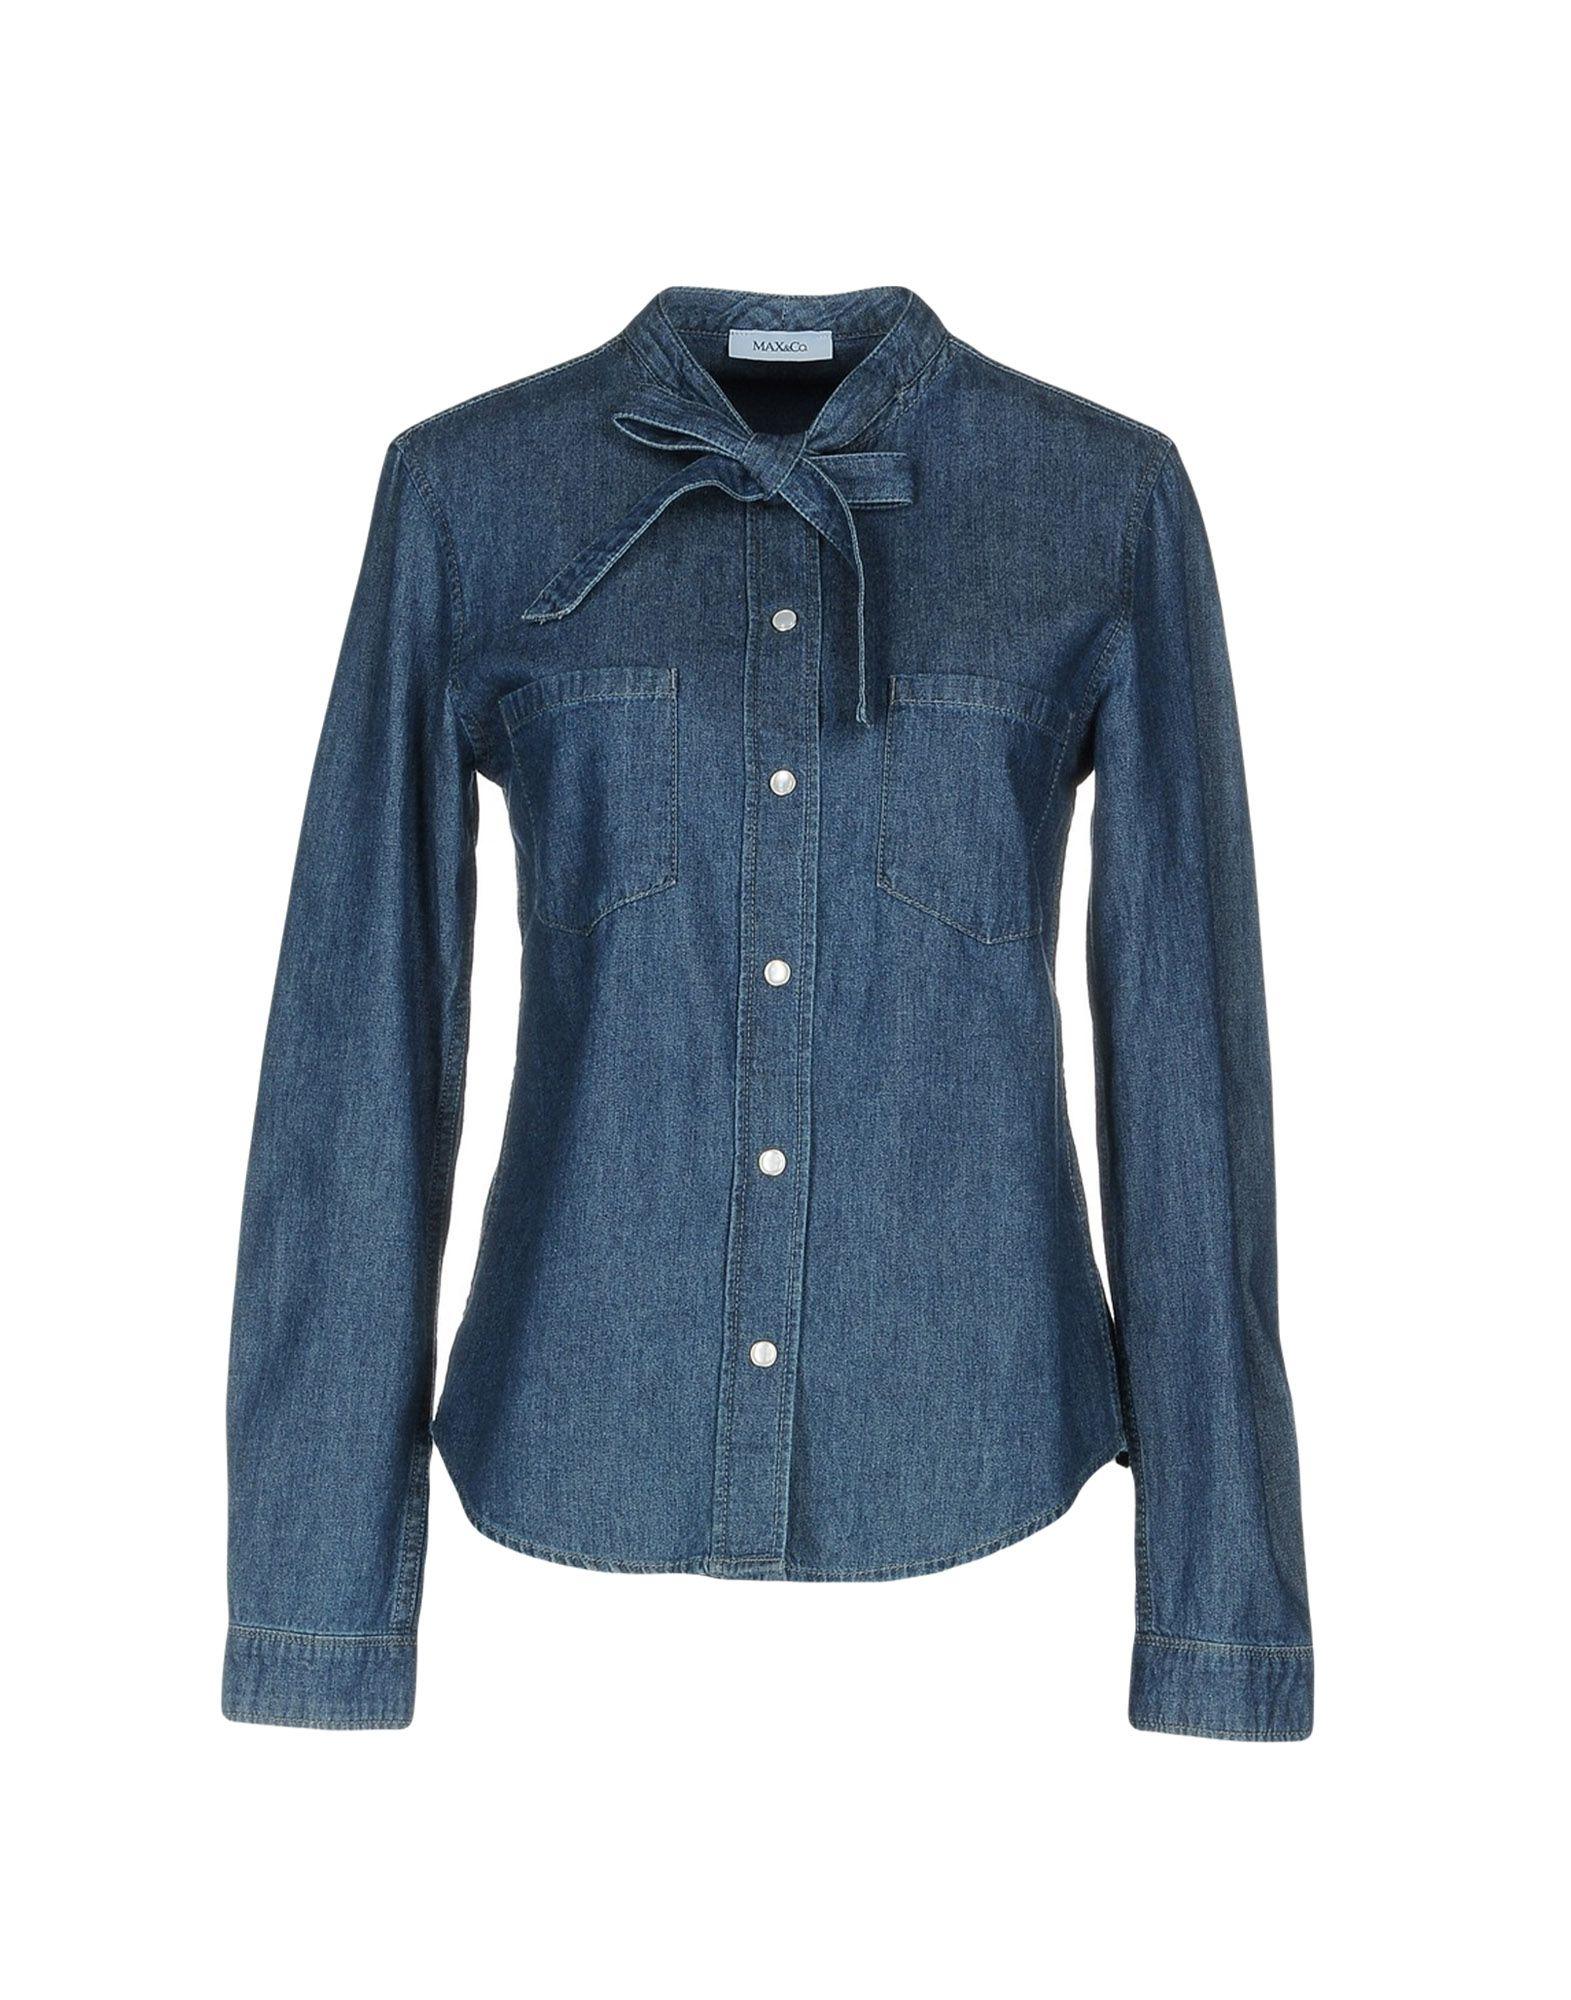 купить MAX & CO. Джинсовая рубашка по цене 7350 рублей